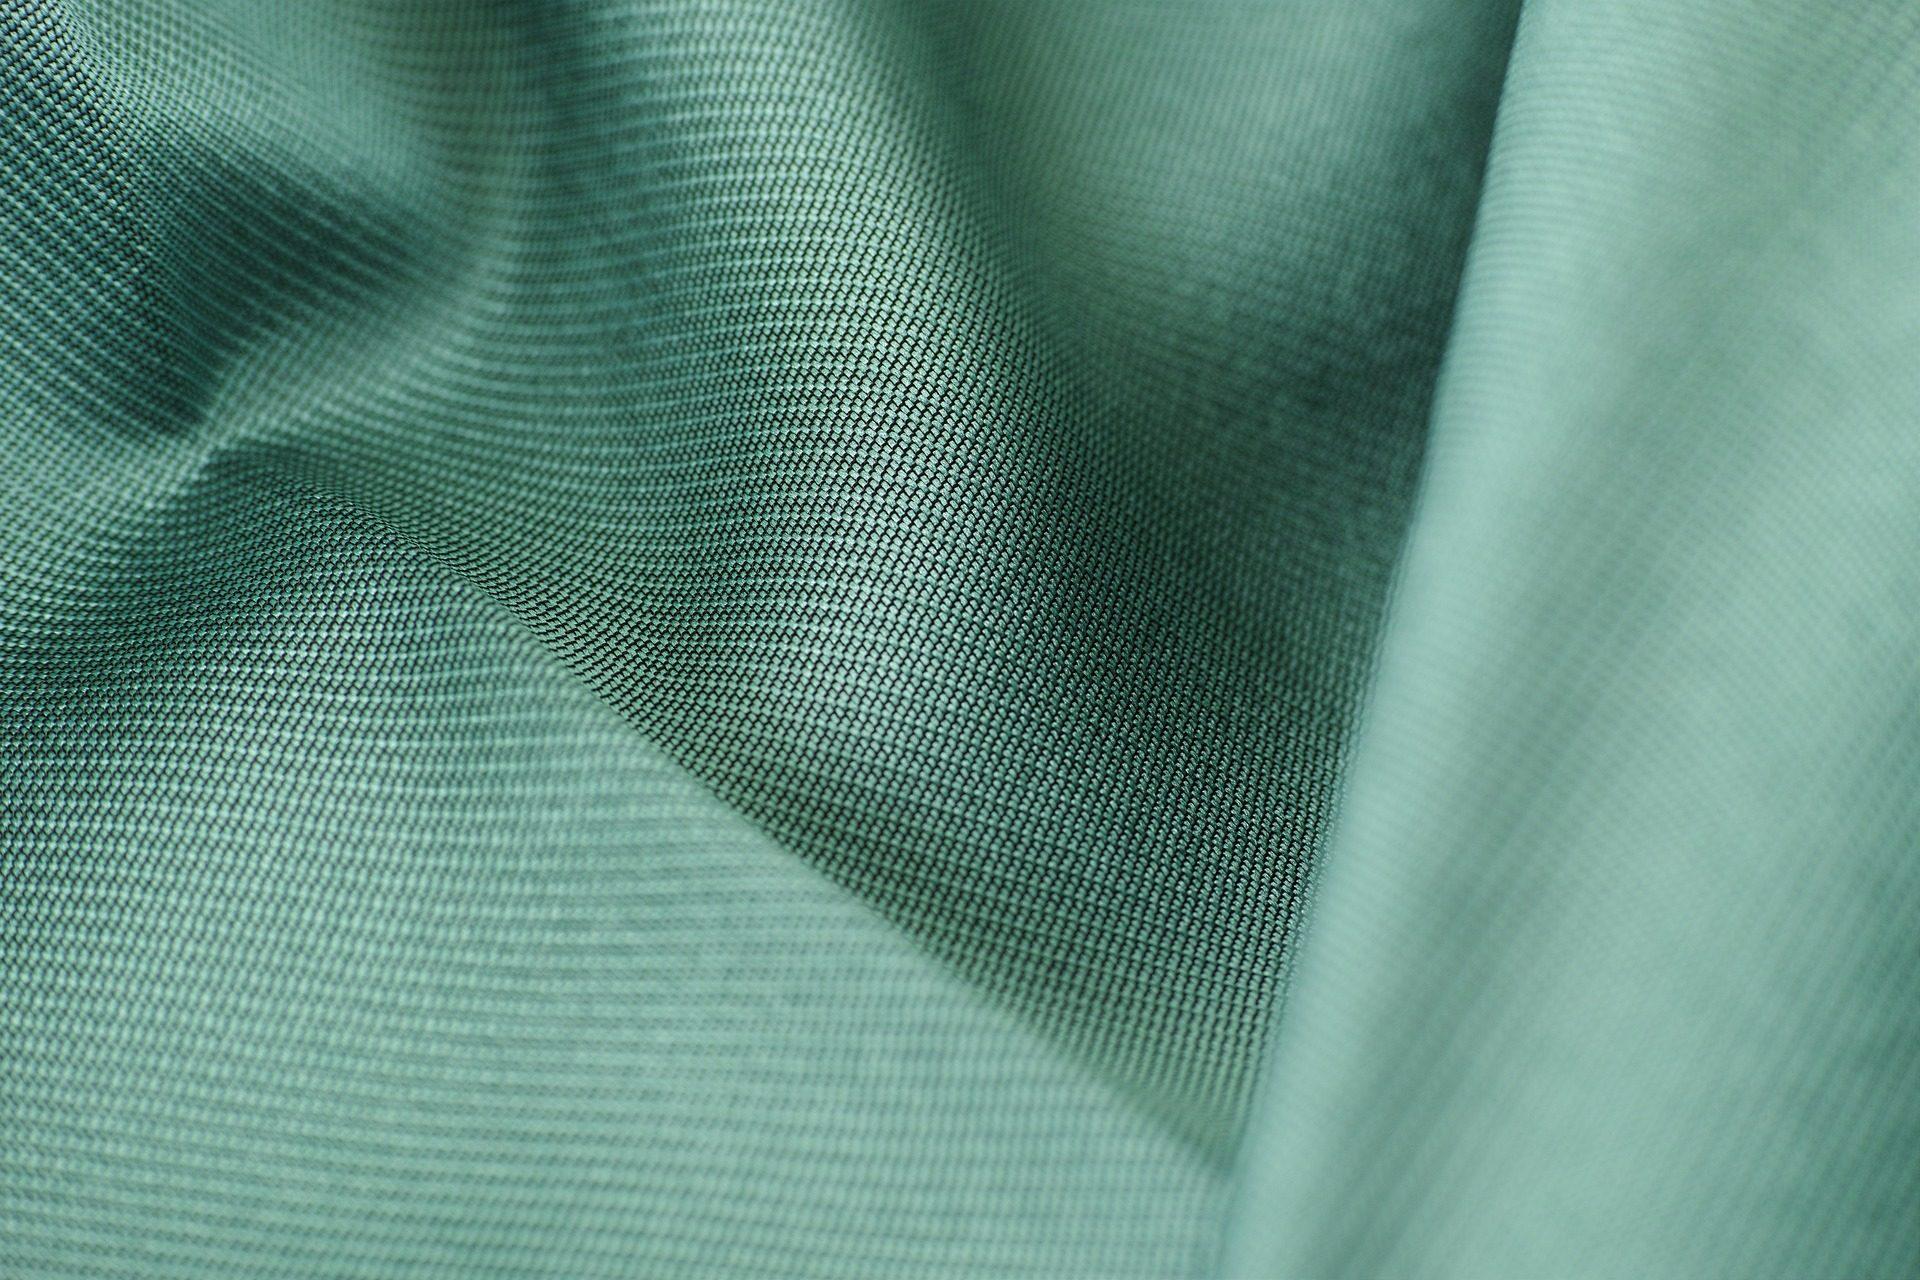 tessuto, Abbigliamento, pieghe, modello, cuciture - Sfondi HD - Professor-falken.com